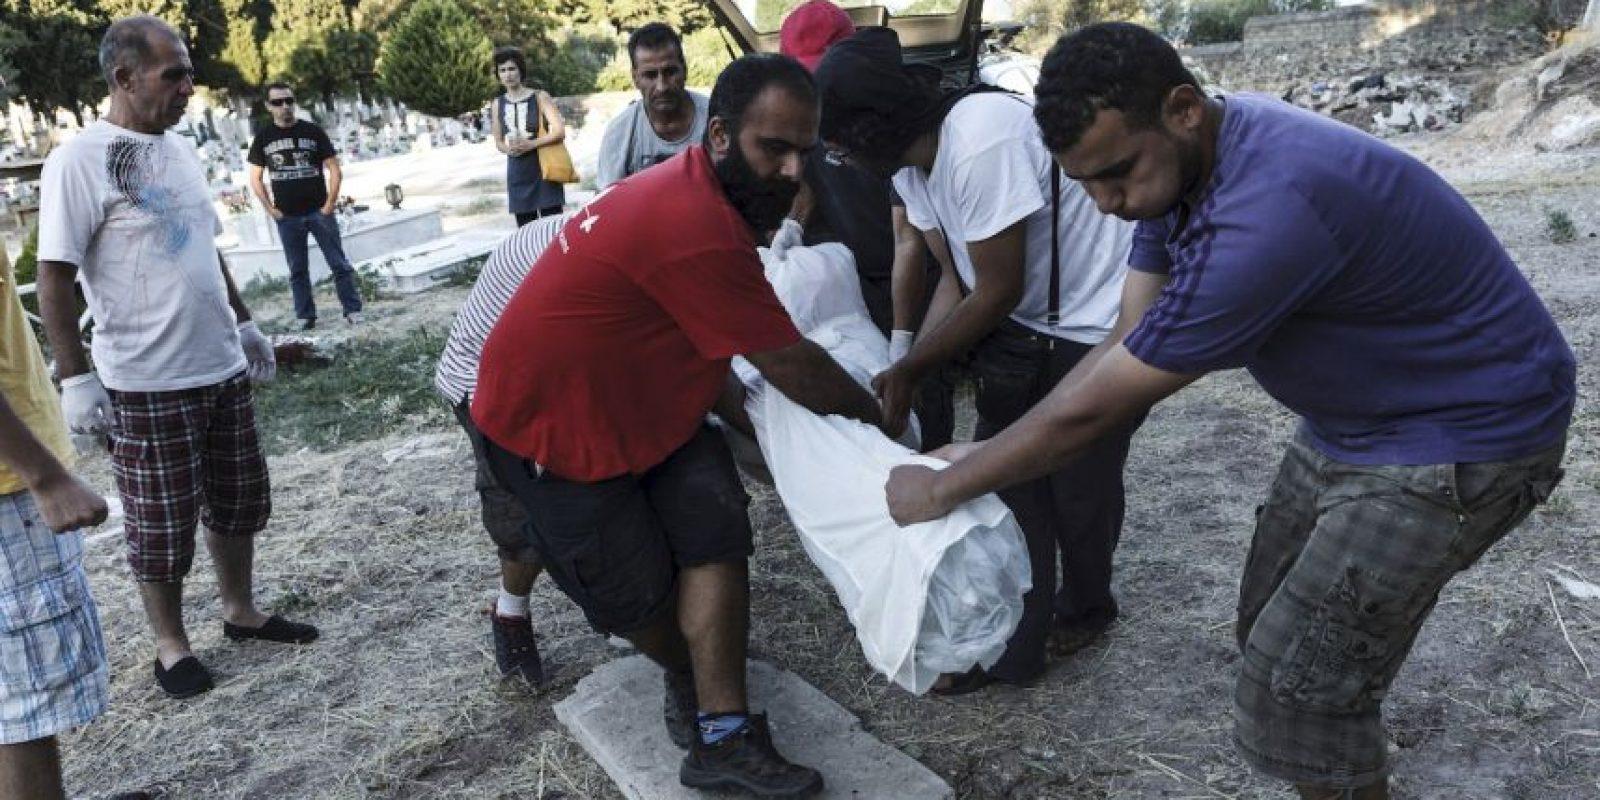 Entierro de un migrante en Grecia. Foto:AFP